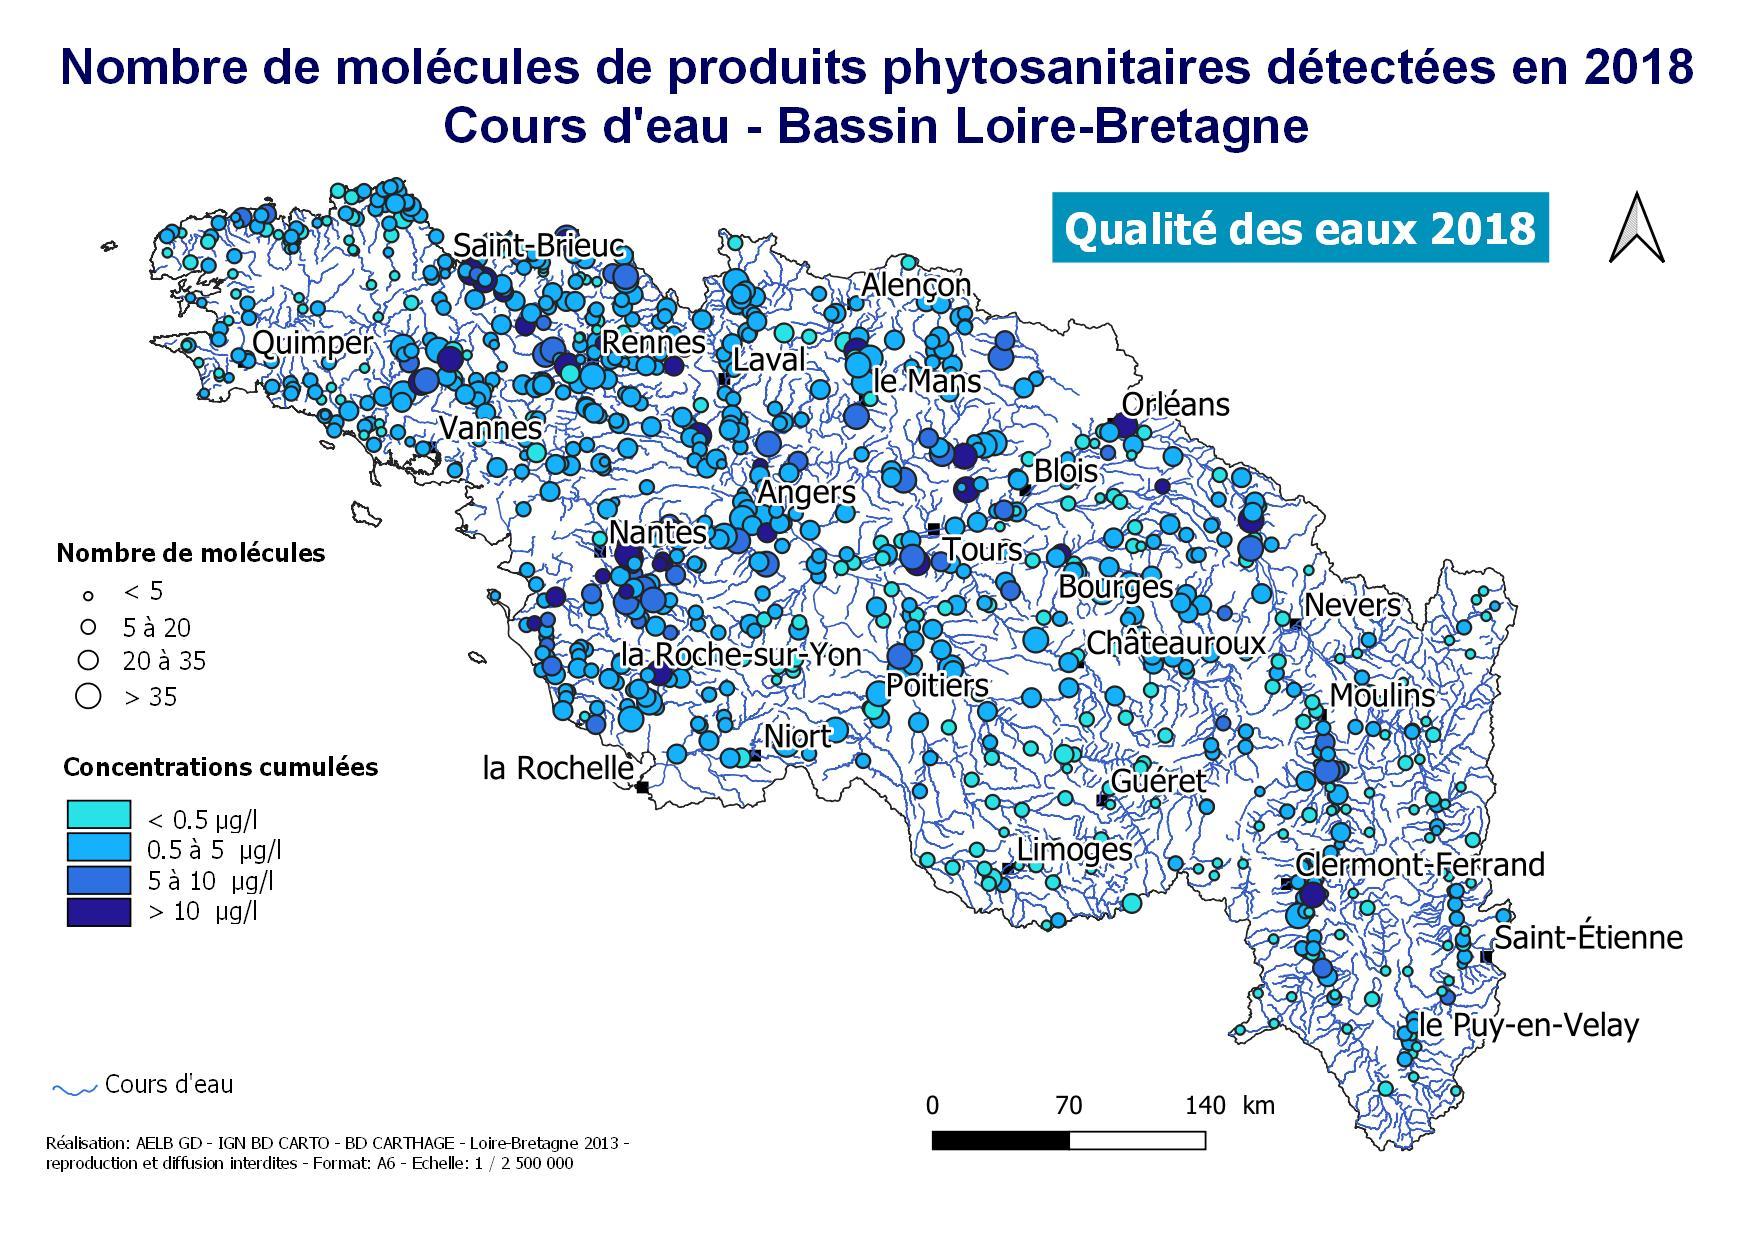 Qualité des cours d'eaux 2018 pour les produits phytosanitaires en Loire-Bretagne